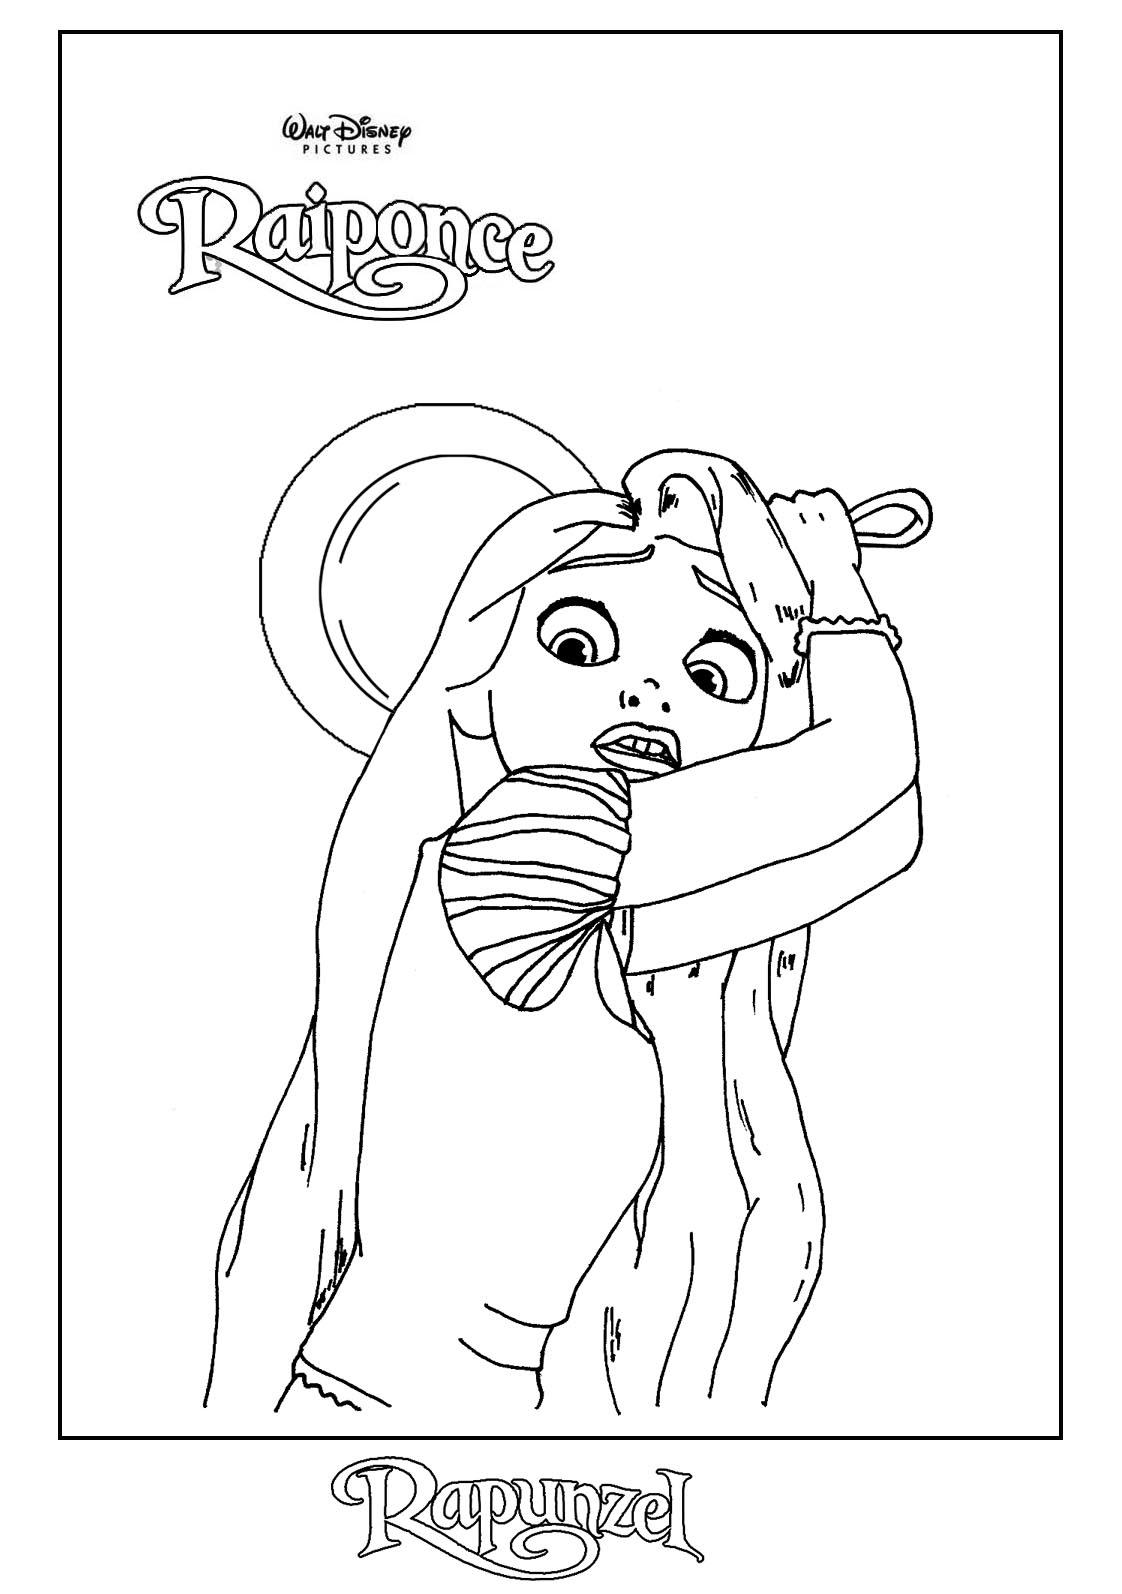 Fotos Das Princesas Da Disney Para Colorir Imagui